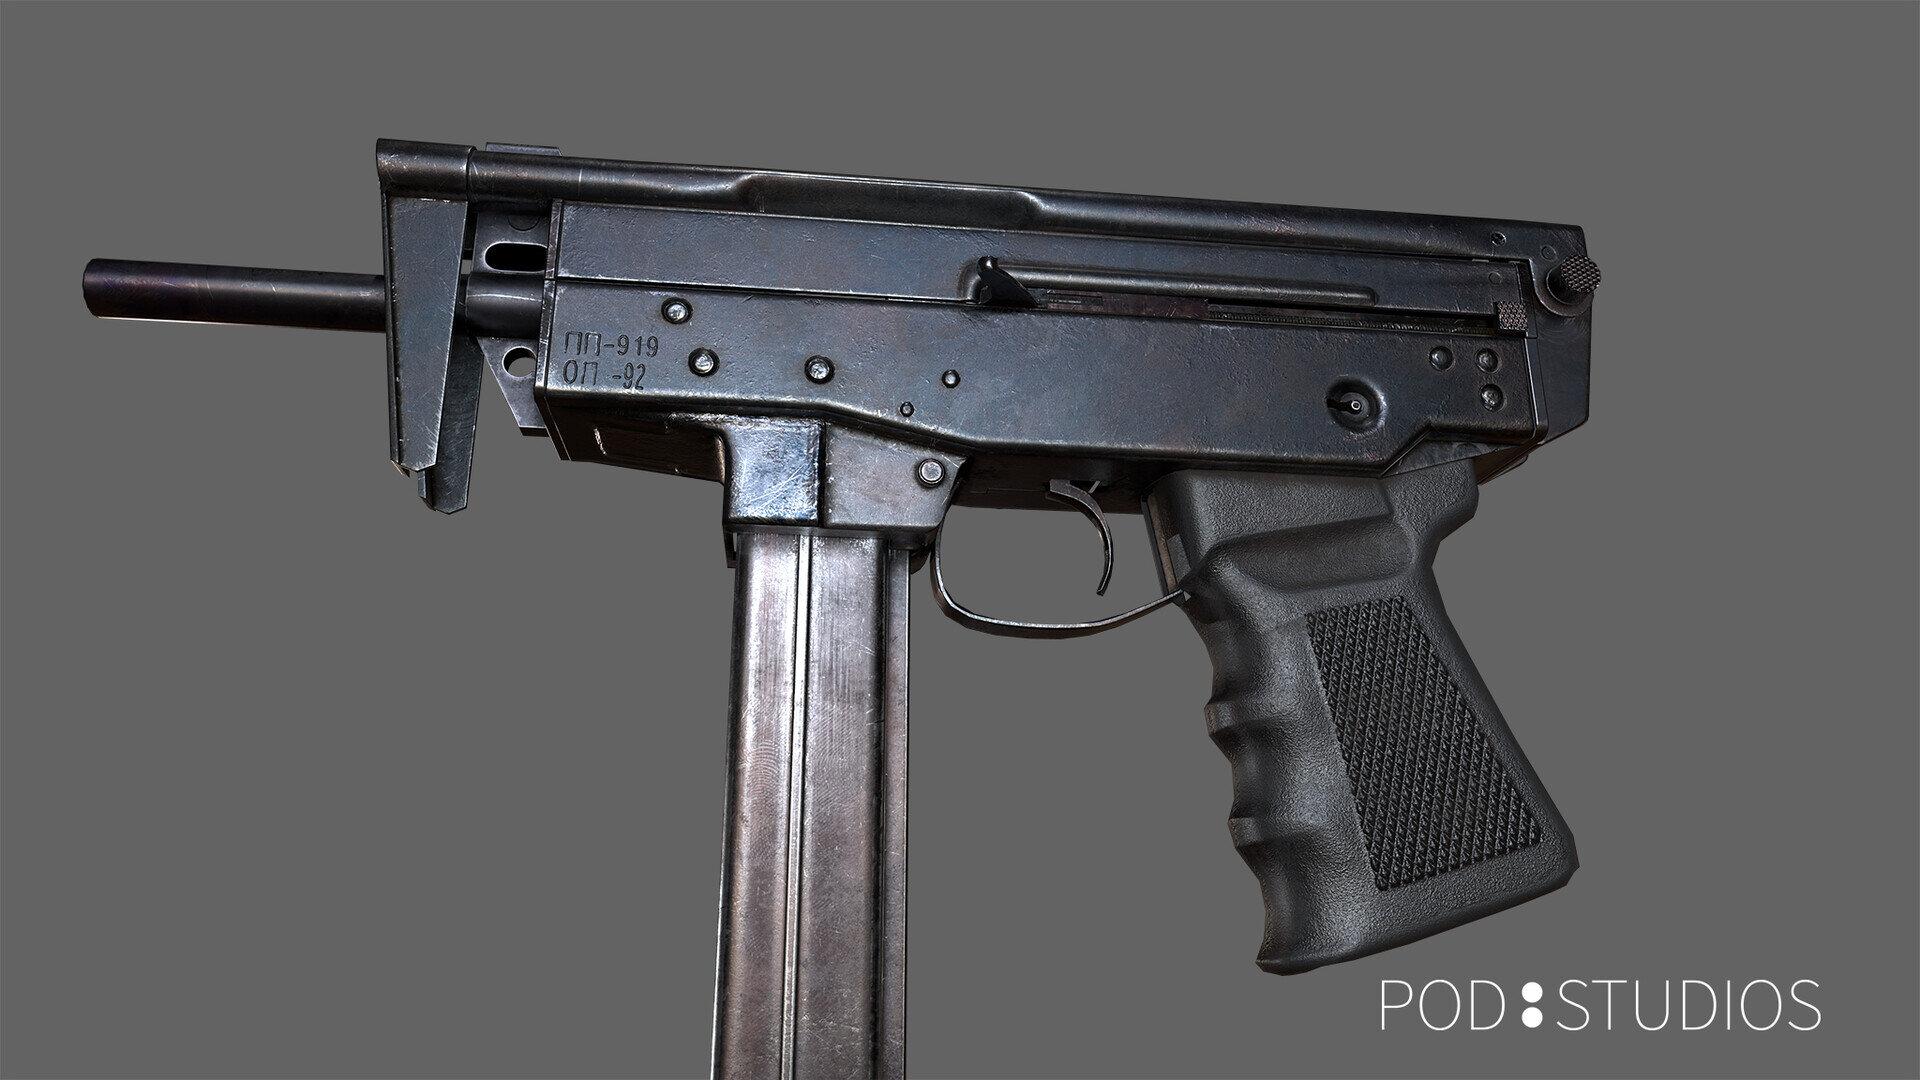 pod-8-render-kedrpp91pod8-7.jpg